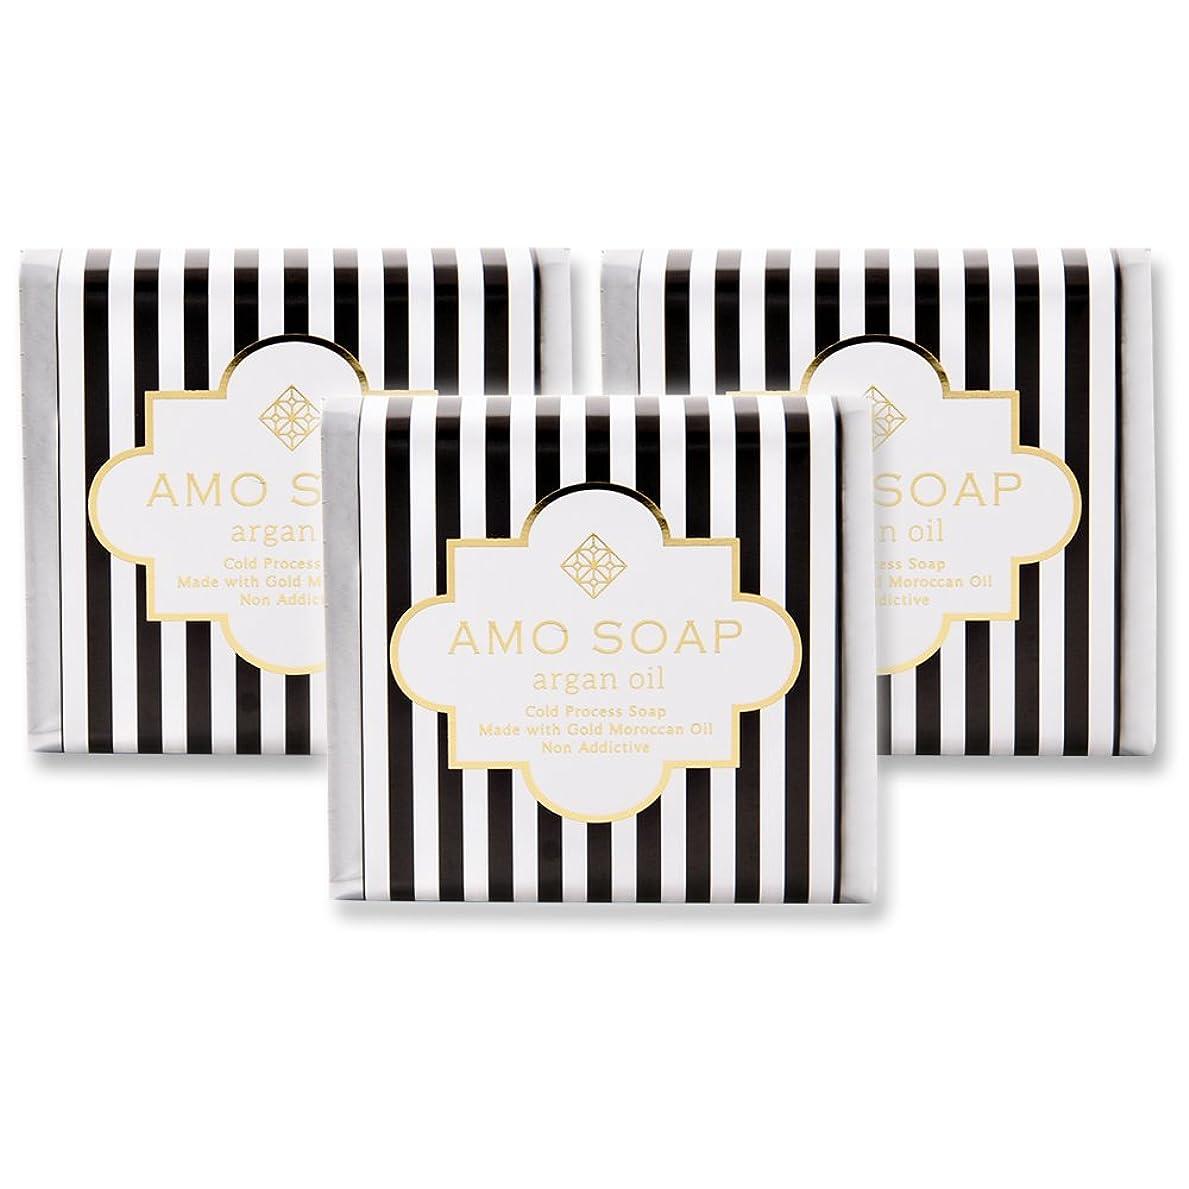 AMO SOAP(アモソープ) 洗顔せっけんアルガンオイル配合 3個 コールドプロセス製法 日本製 エイジングケア オリーブオイル シアバター